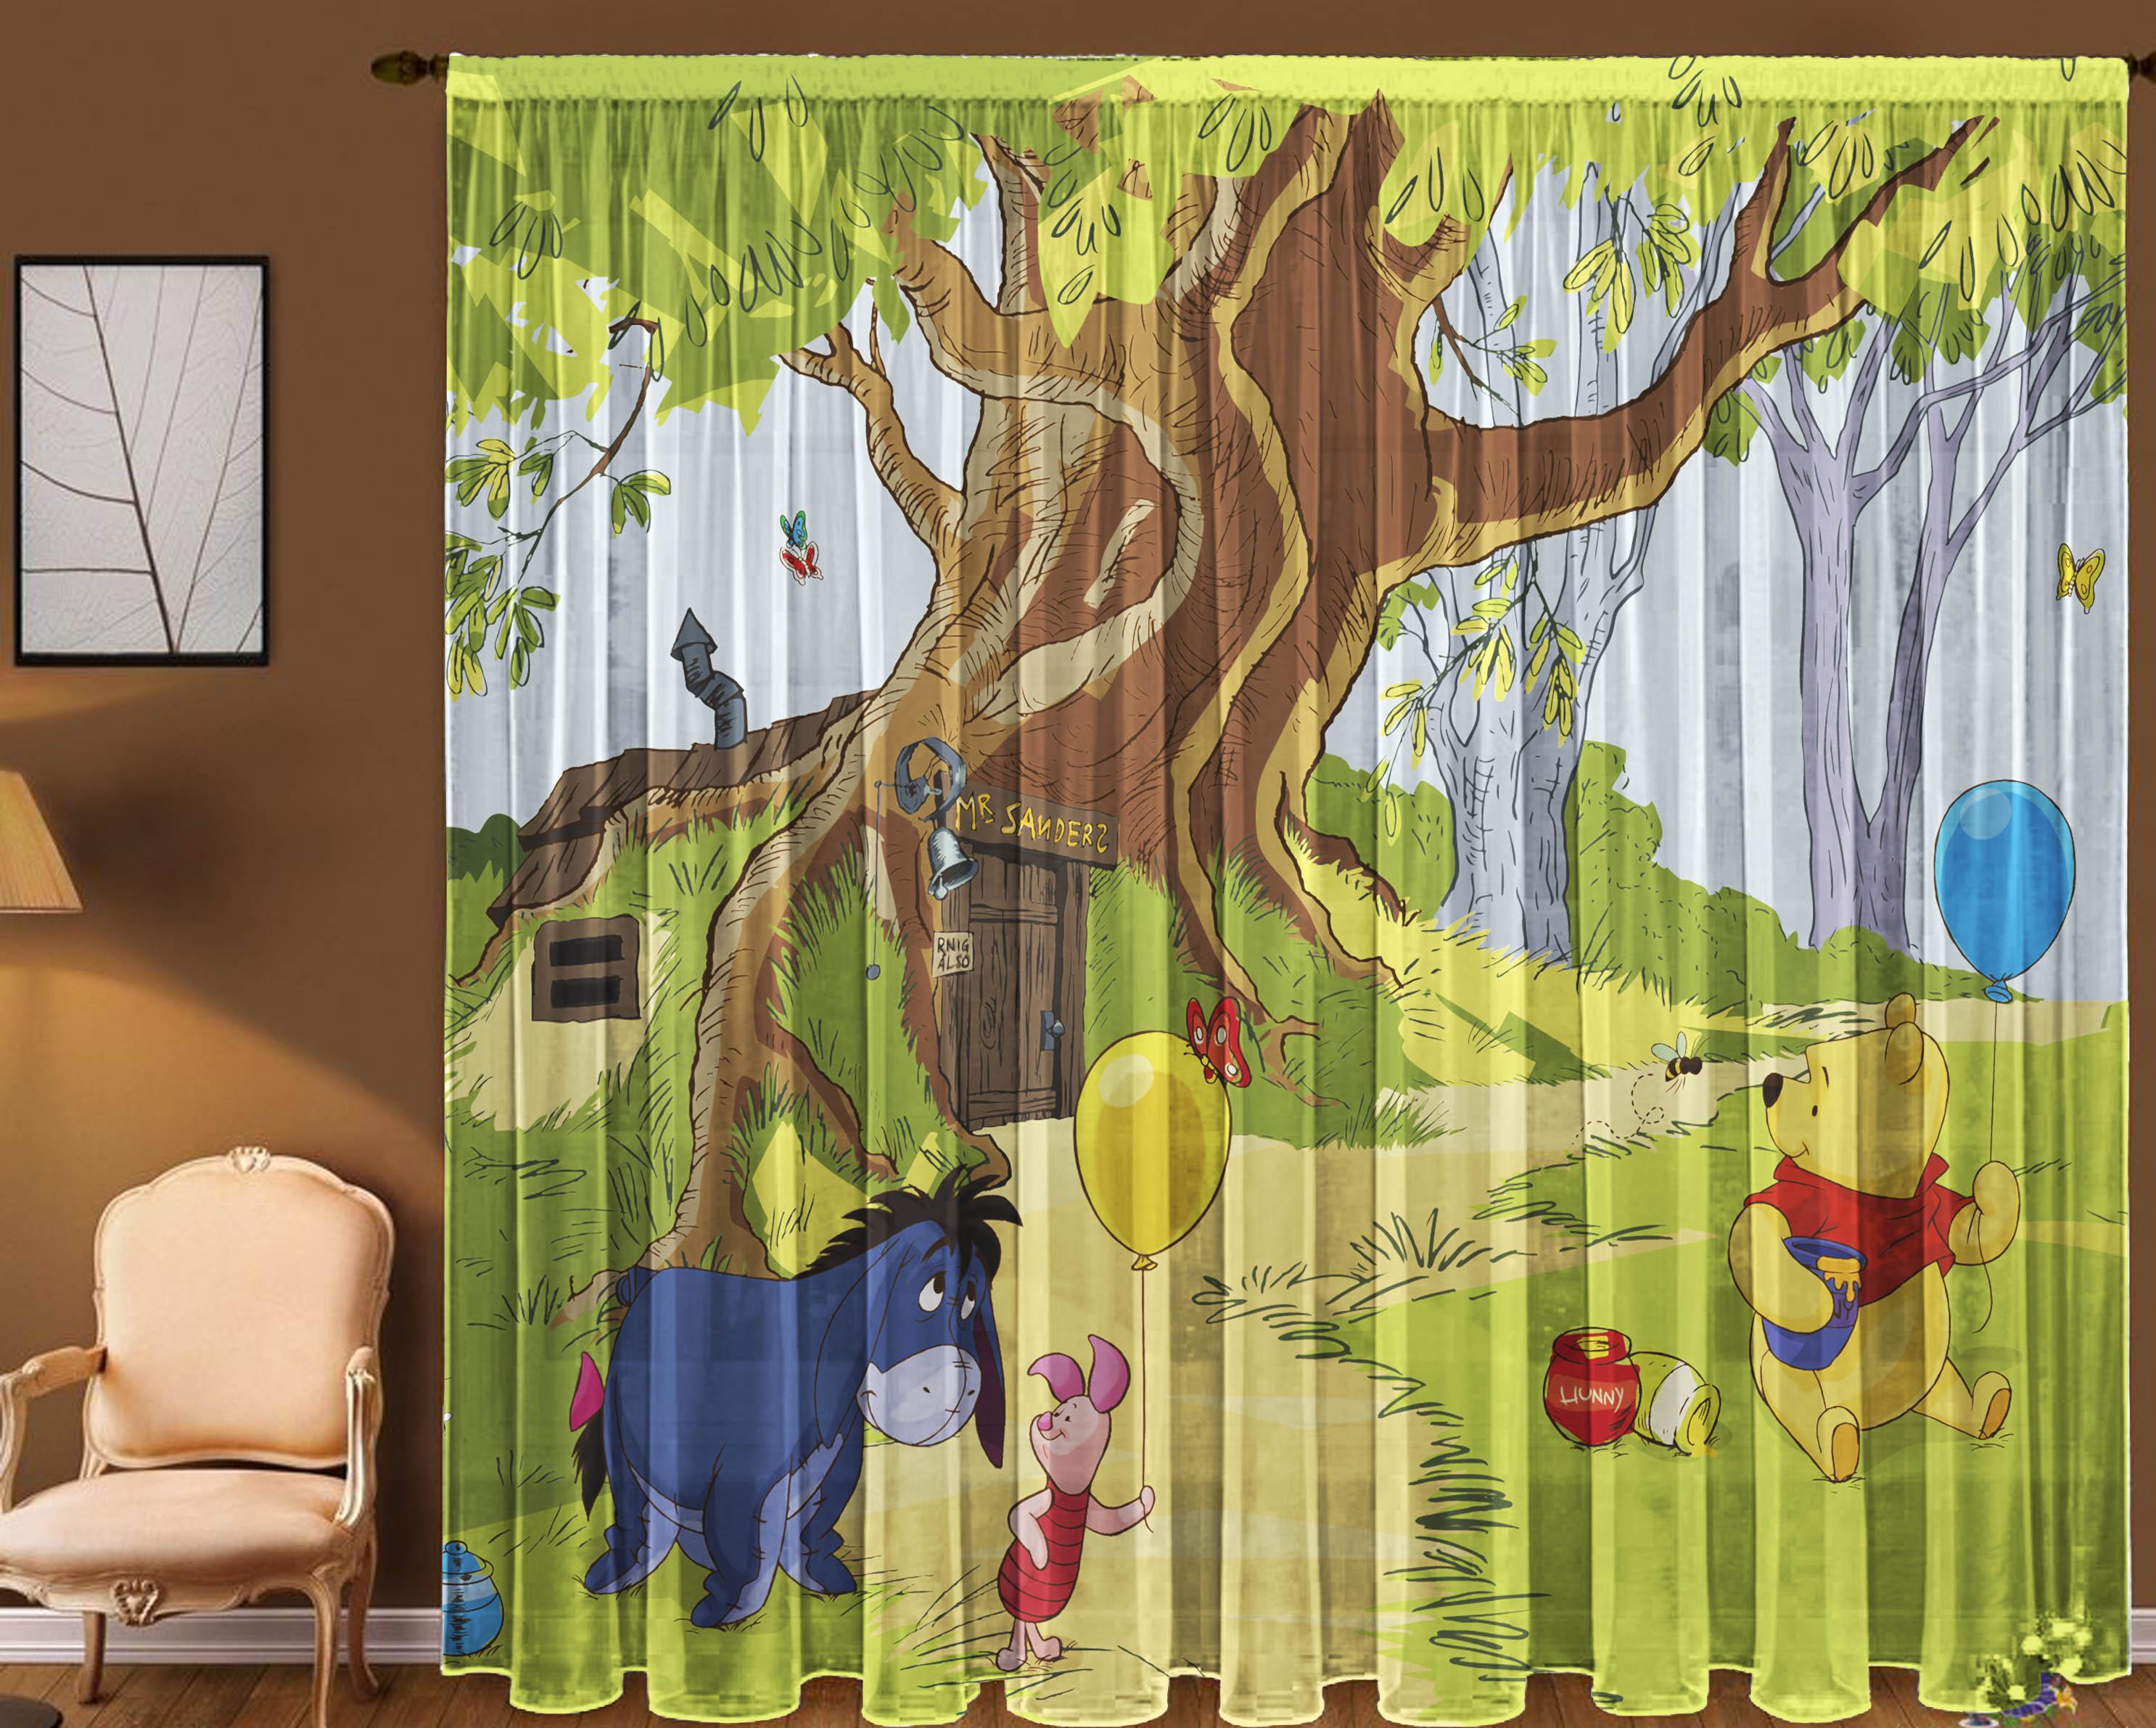 Шторы для комнатыДля комнаты<br>Шторы для комнаты:  В комплекте 2 полотна: Длина 145 см +/- 5 см Высота 270 см +/- 5 см<br><br>Карниз: Однорядный<br>По материалу: Вуаль<br>По рисунку: Мультипликация,С принтом (печатью),Цветные<br>По стилю: Классические шторы,Раздвижные шторы<br>Размеры: До пола<br>Размер : 290*270<br>Материал: Вуаль<br>Количество в наличии: 1